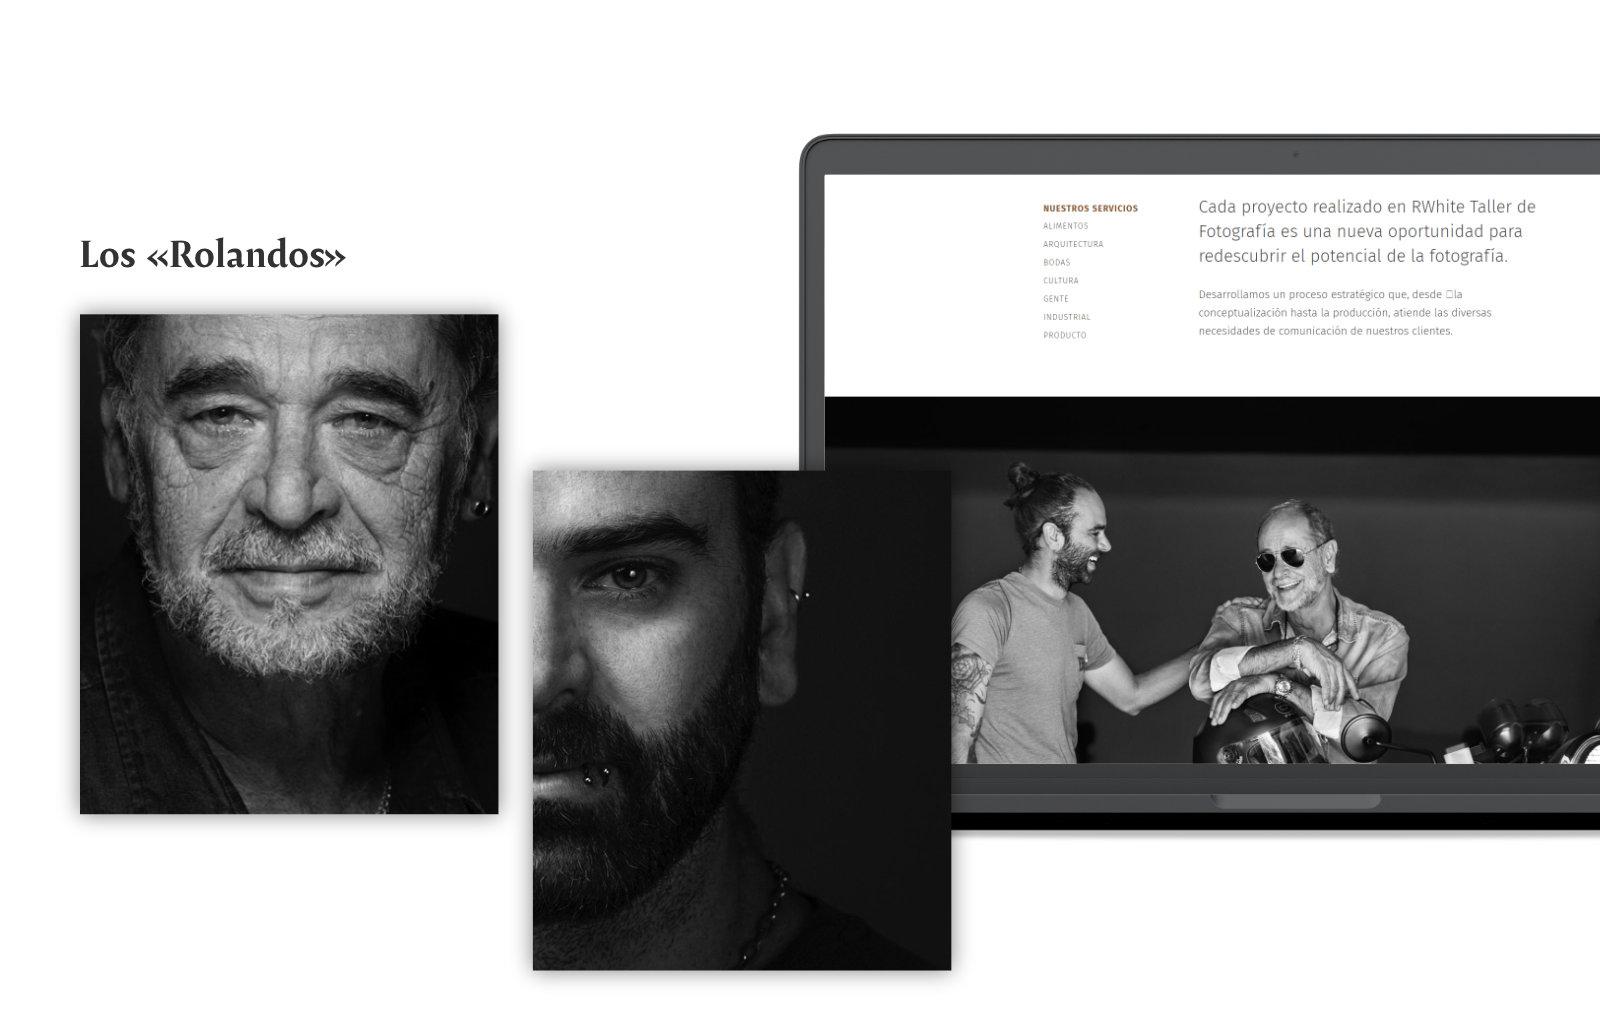 Laptop enseñando la página Nosotros de Rolando White